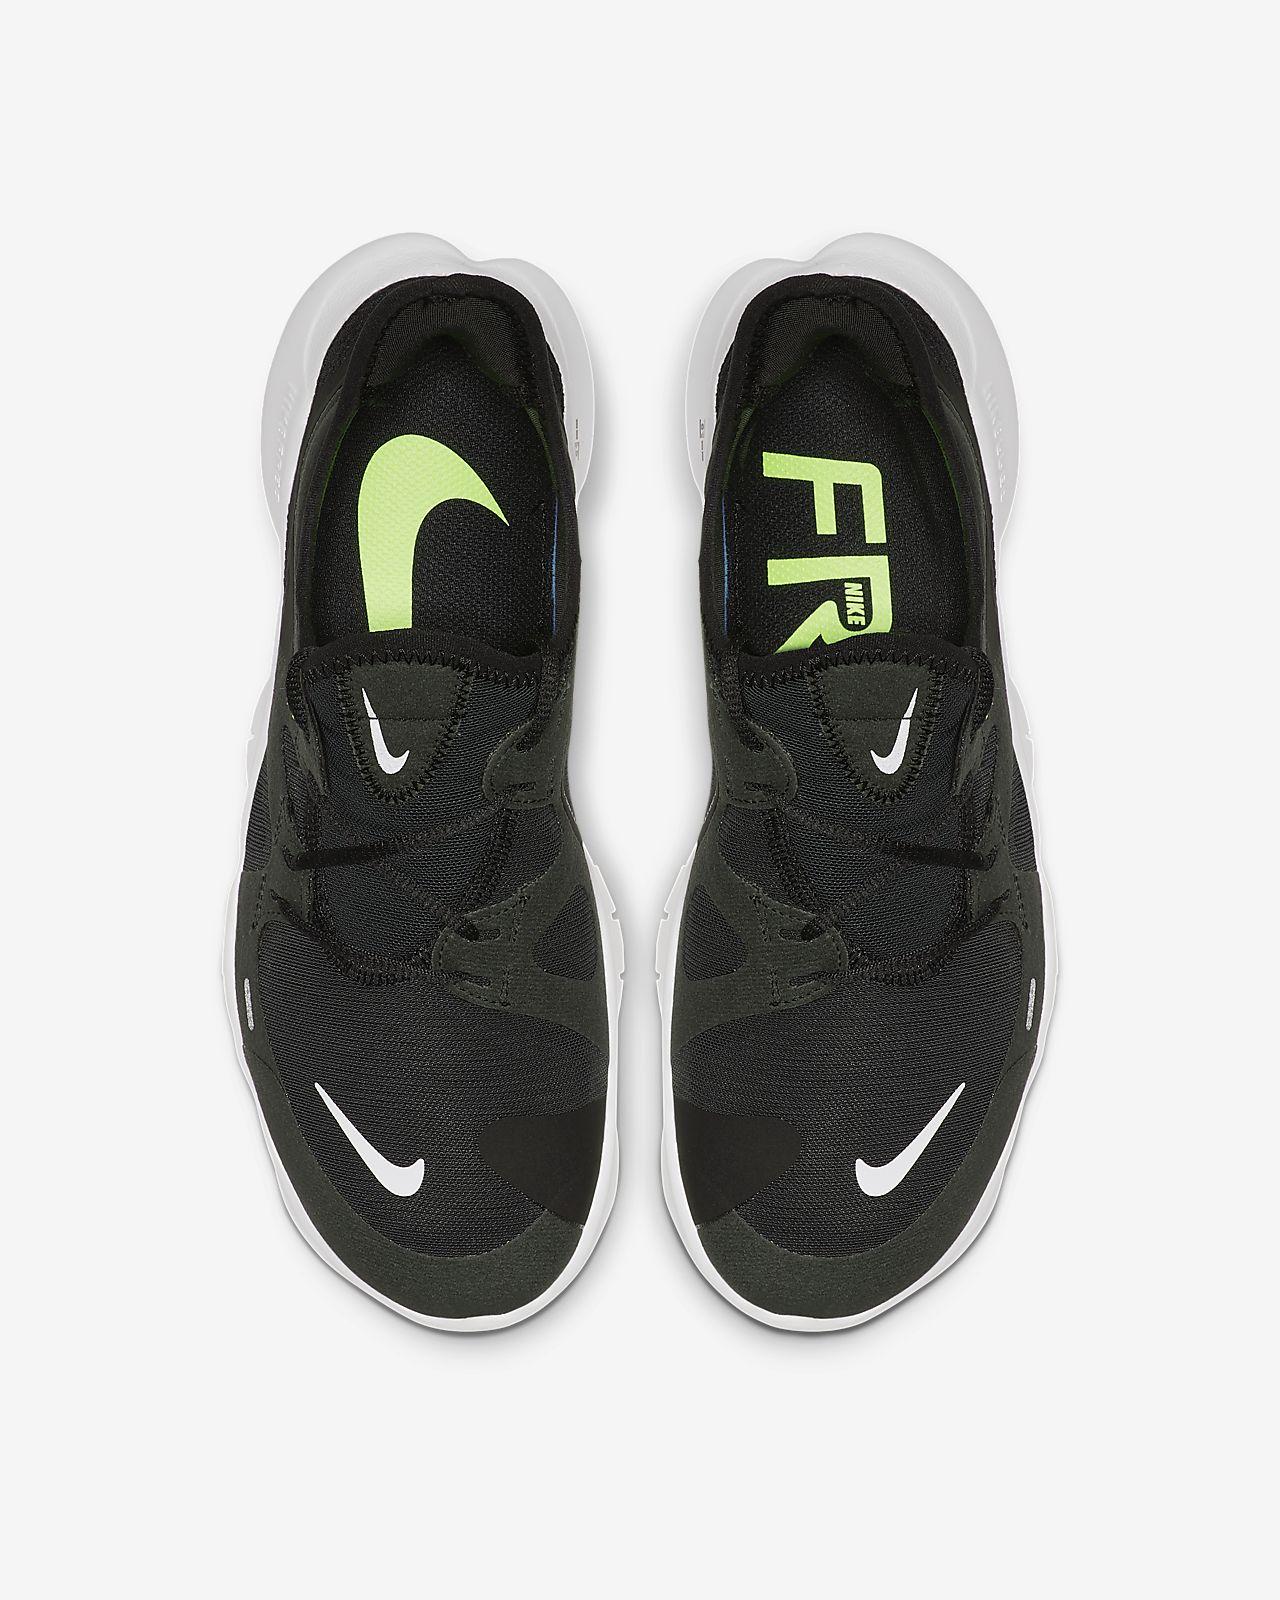 Nike Run Nike Free 5.0 Damen Bestellen, Die Besten Angebote